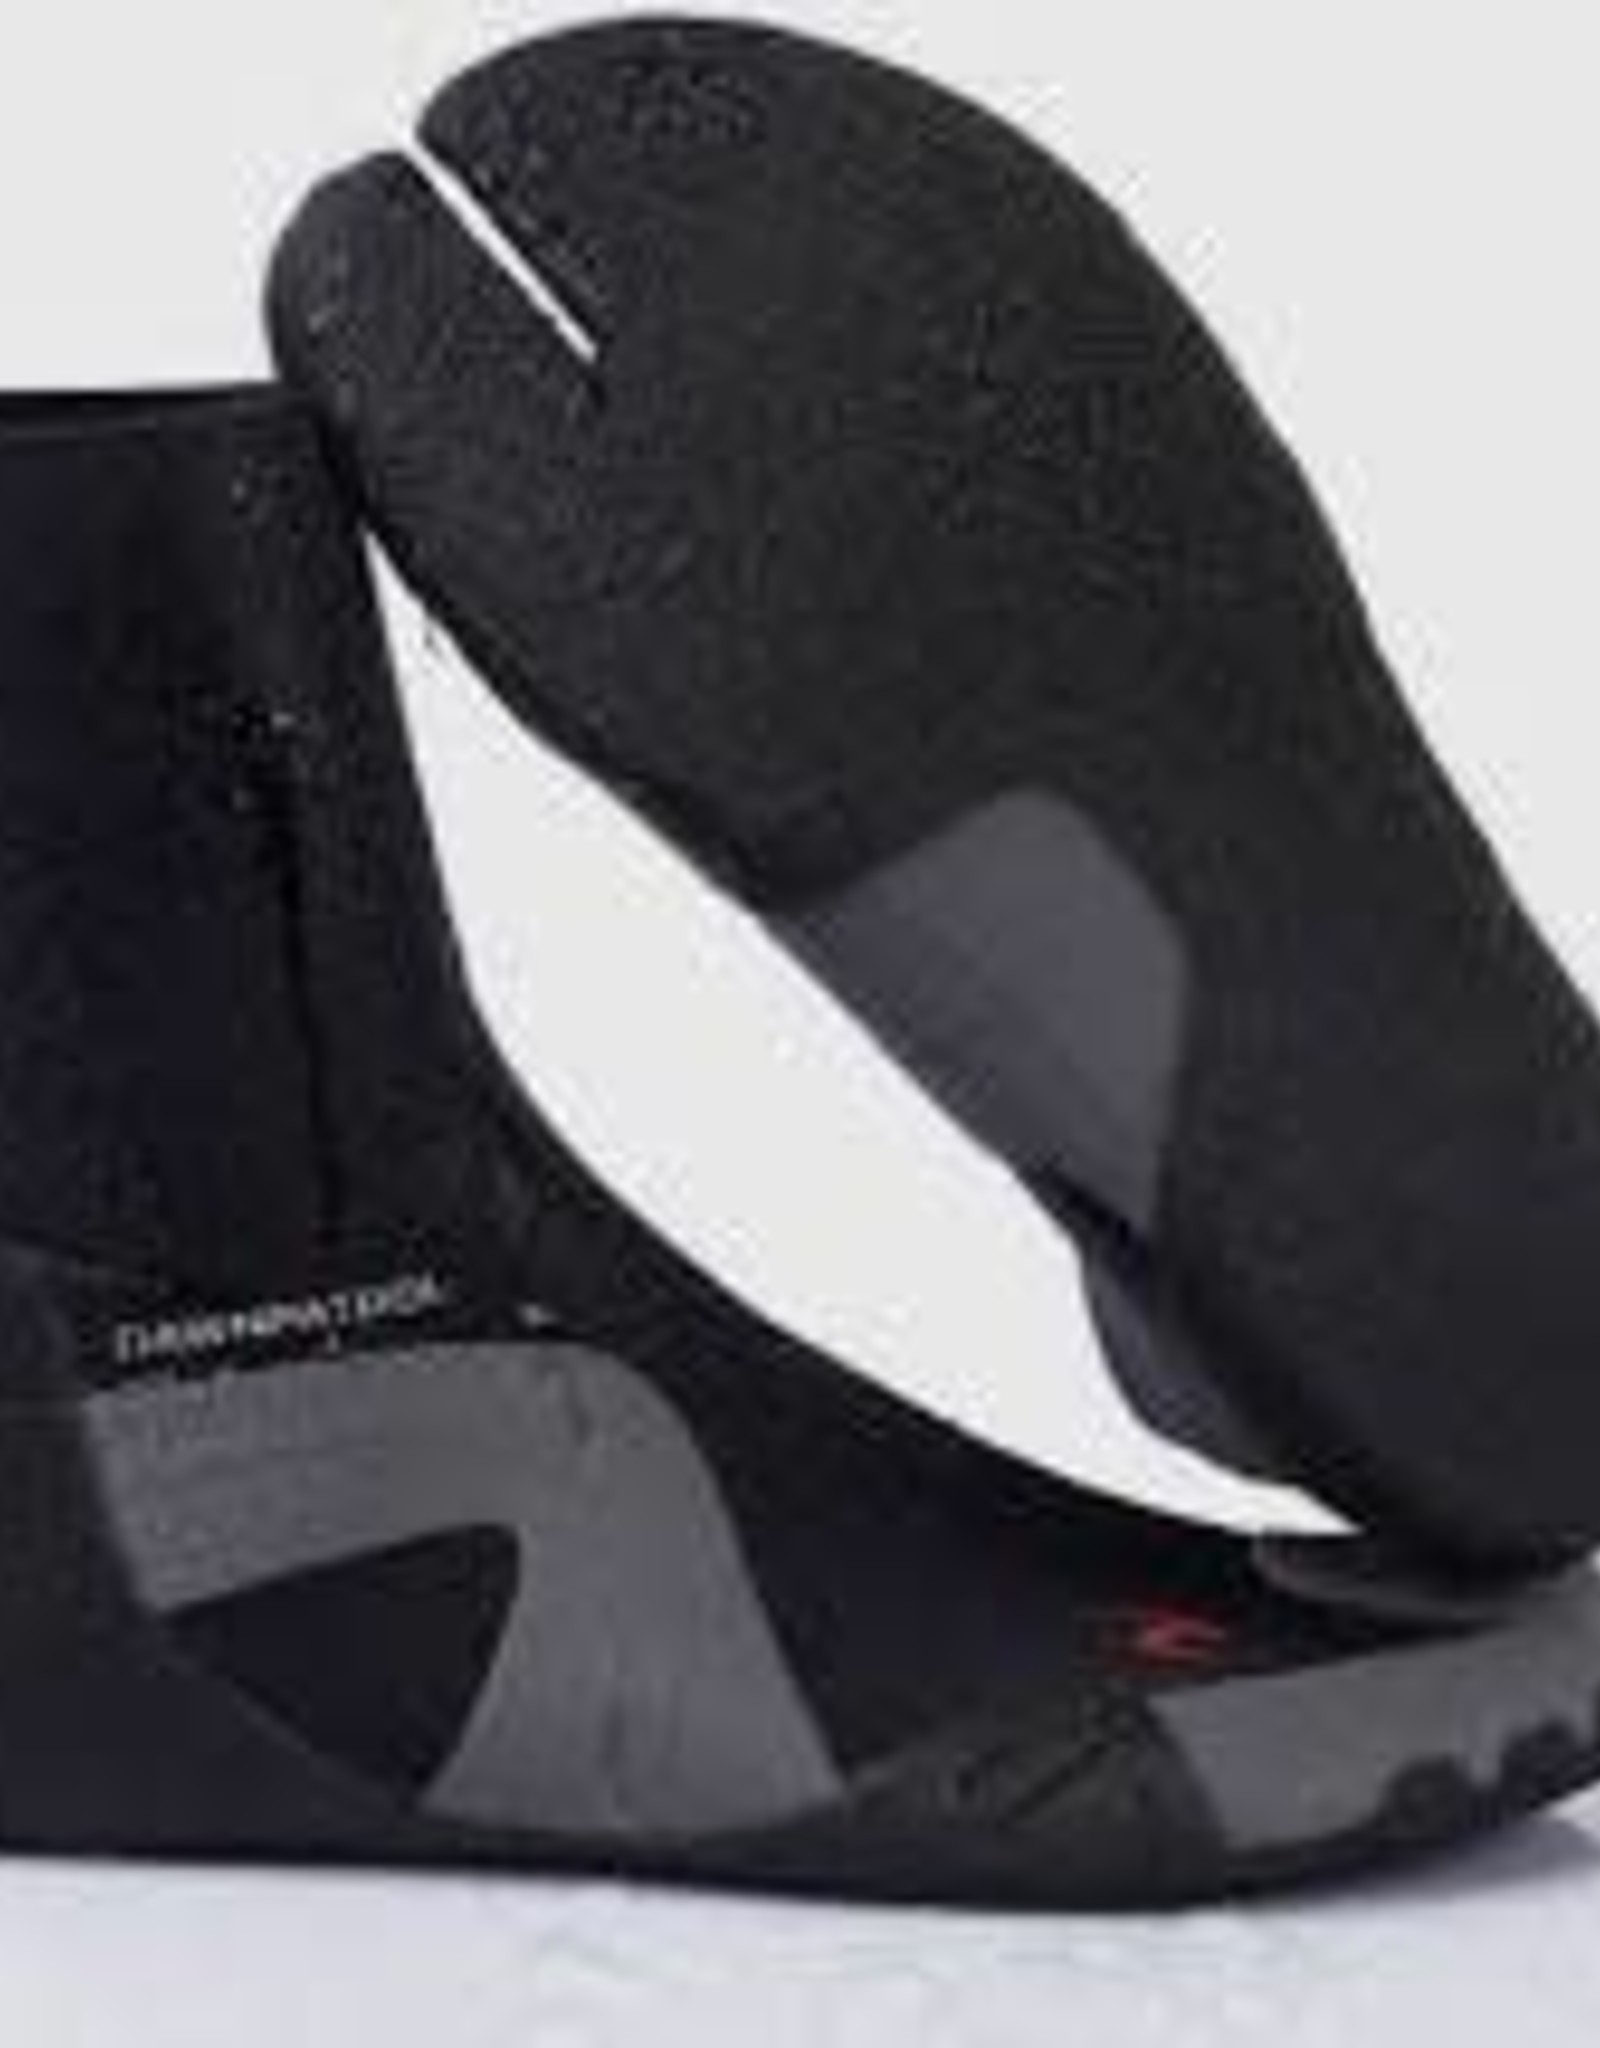 Rip Curl Dawn Patrol 3mm split toe boot size 13 blk